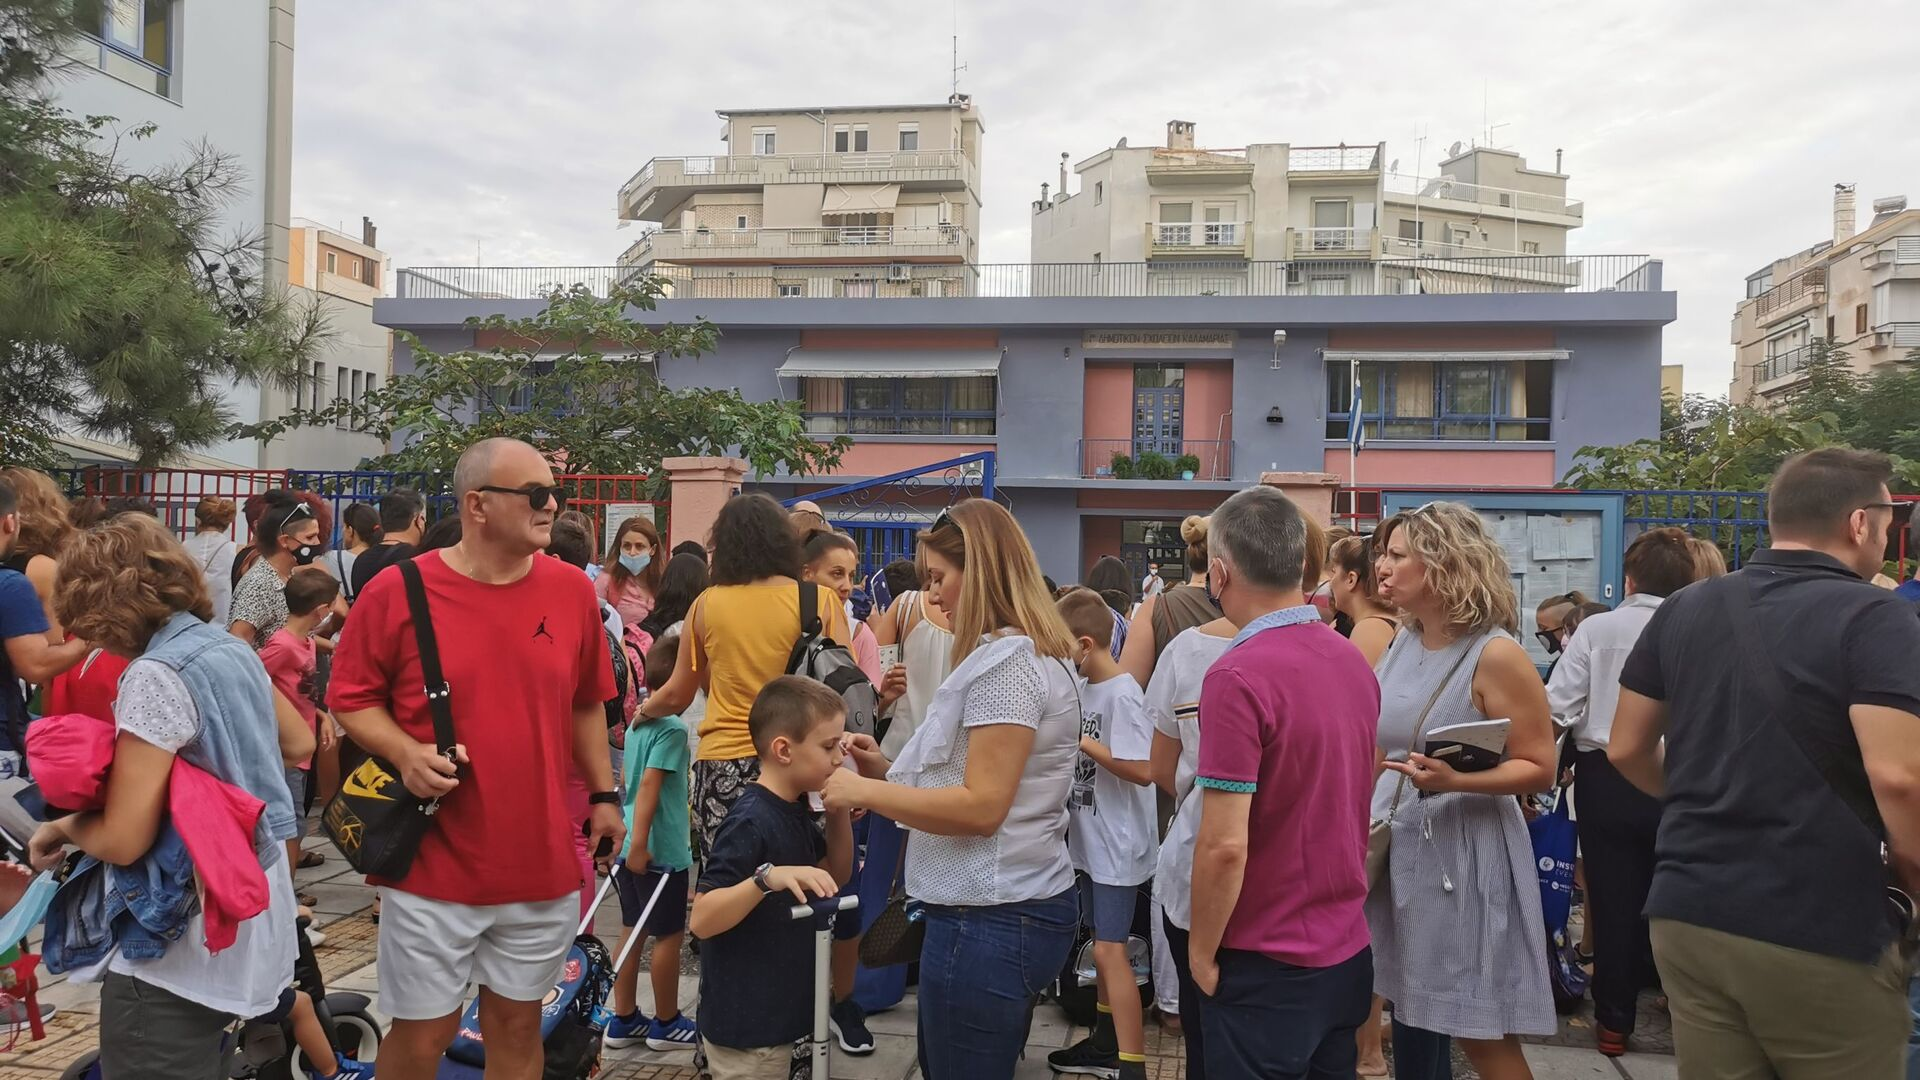 Έναρξη σχολικής χρονιάς, μαθητές και γονείς σε δημοτικό σχολείο της Καλαμαριάς Θεσσαλονίκη - Sputnik Ελλάδα, 1920, 07.09.2021